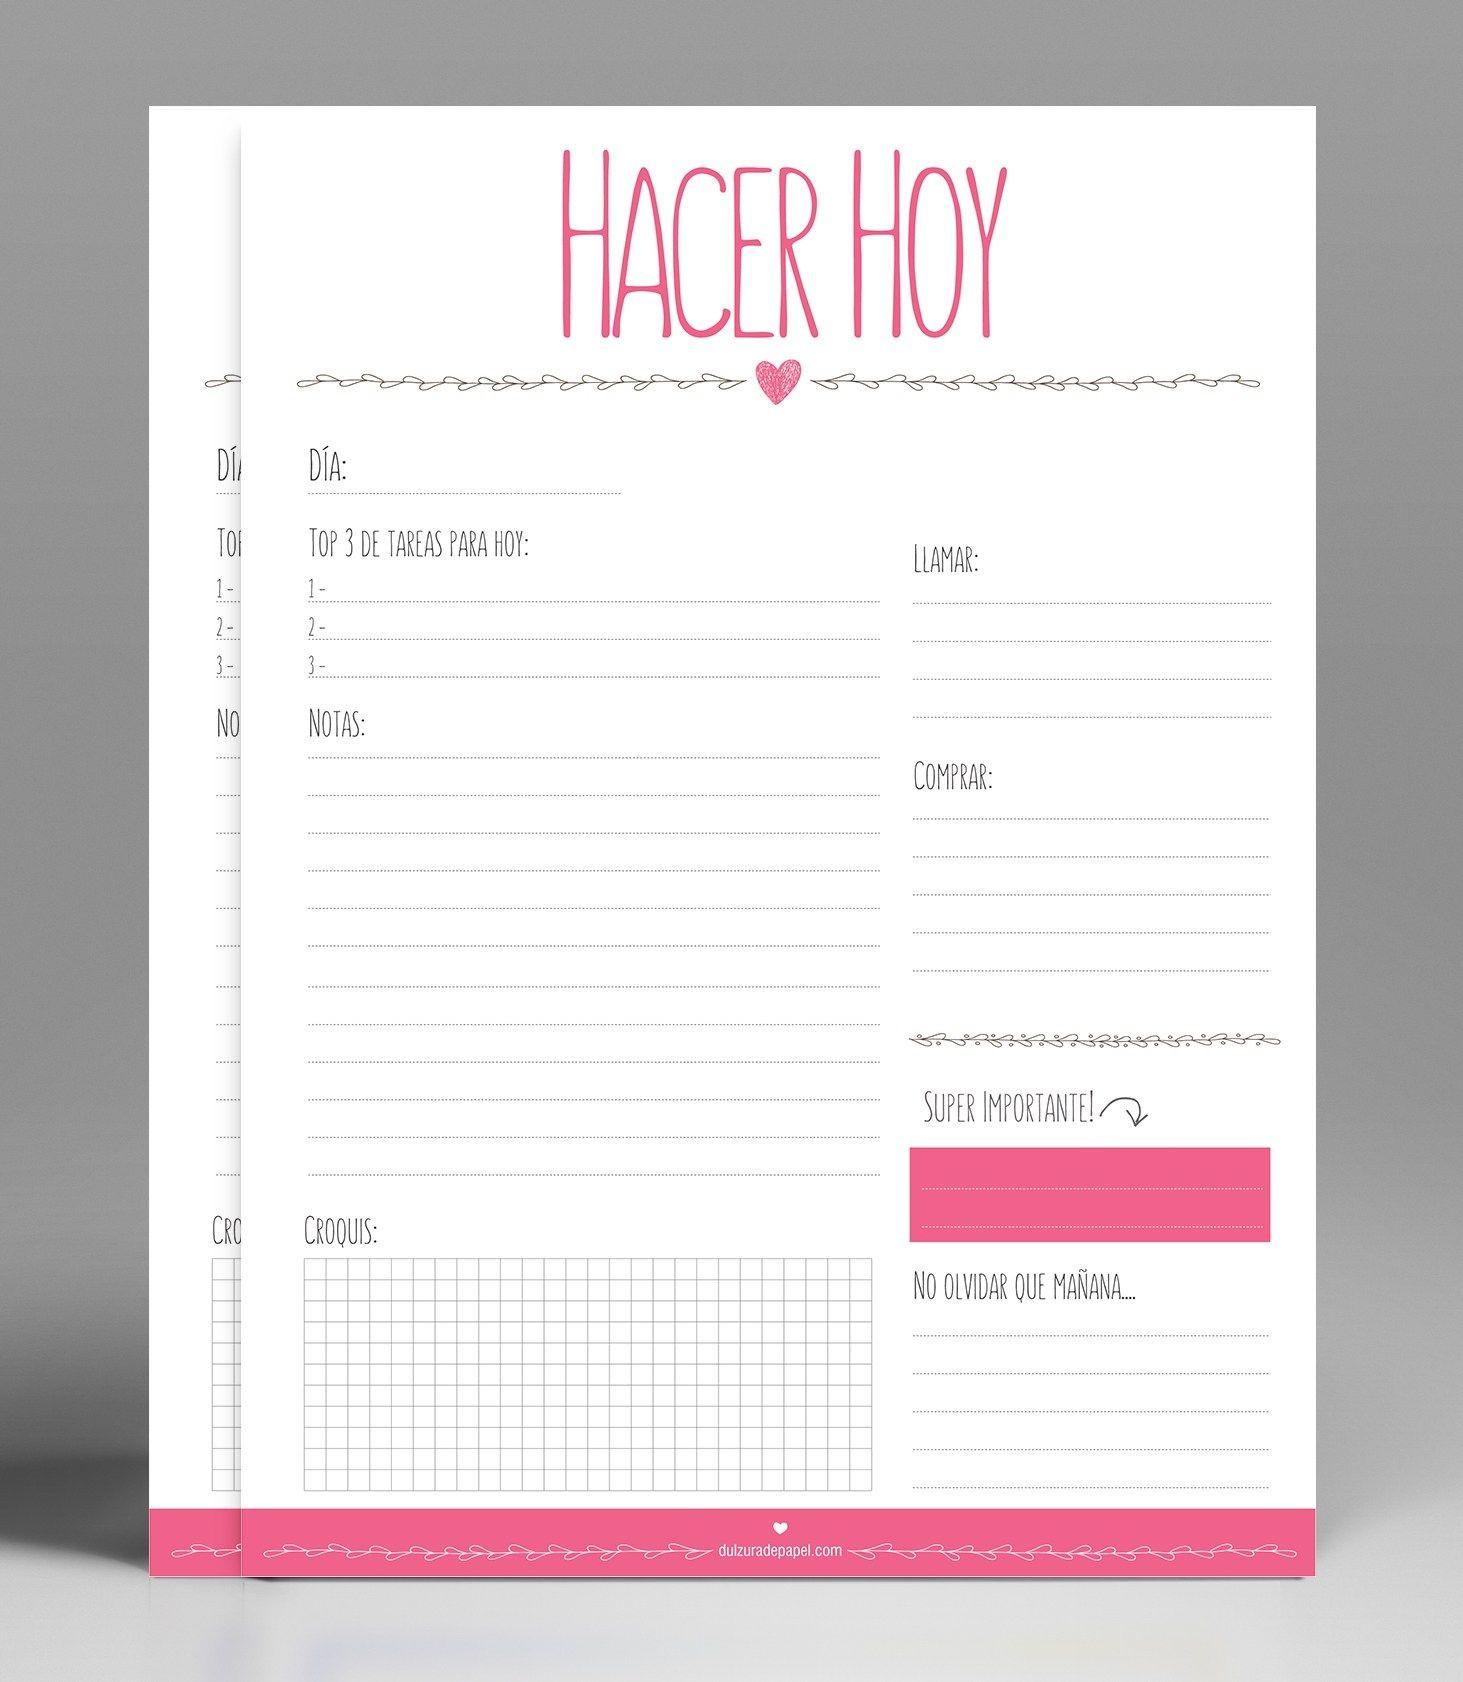 Planificador diario imprimible gratis para descargar e imprimir